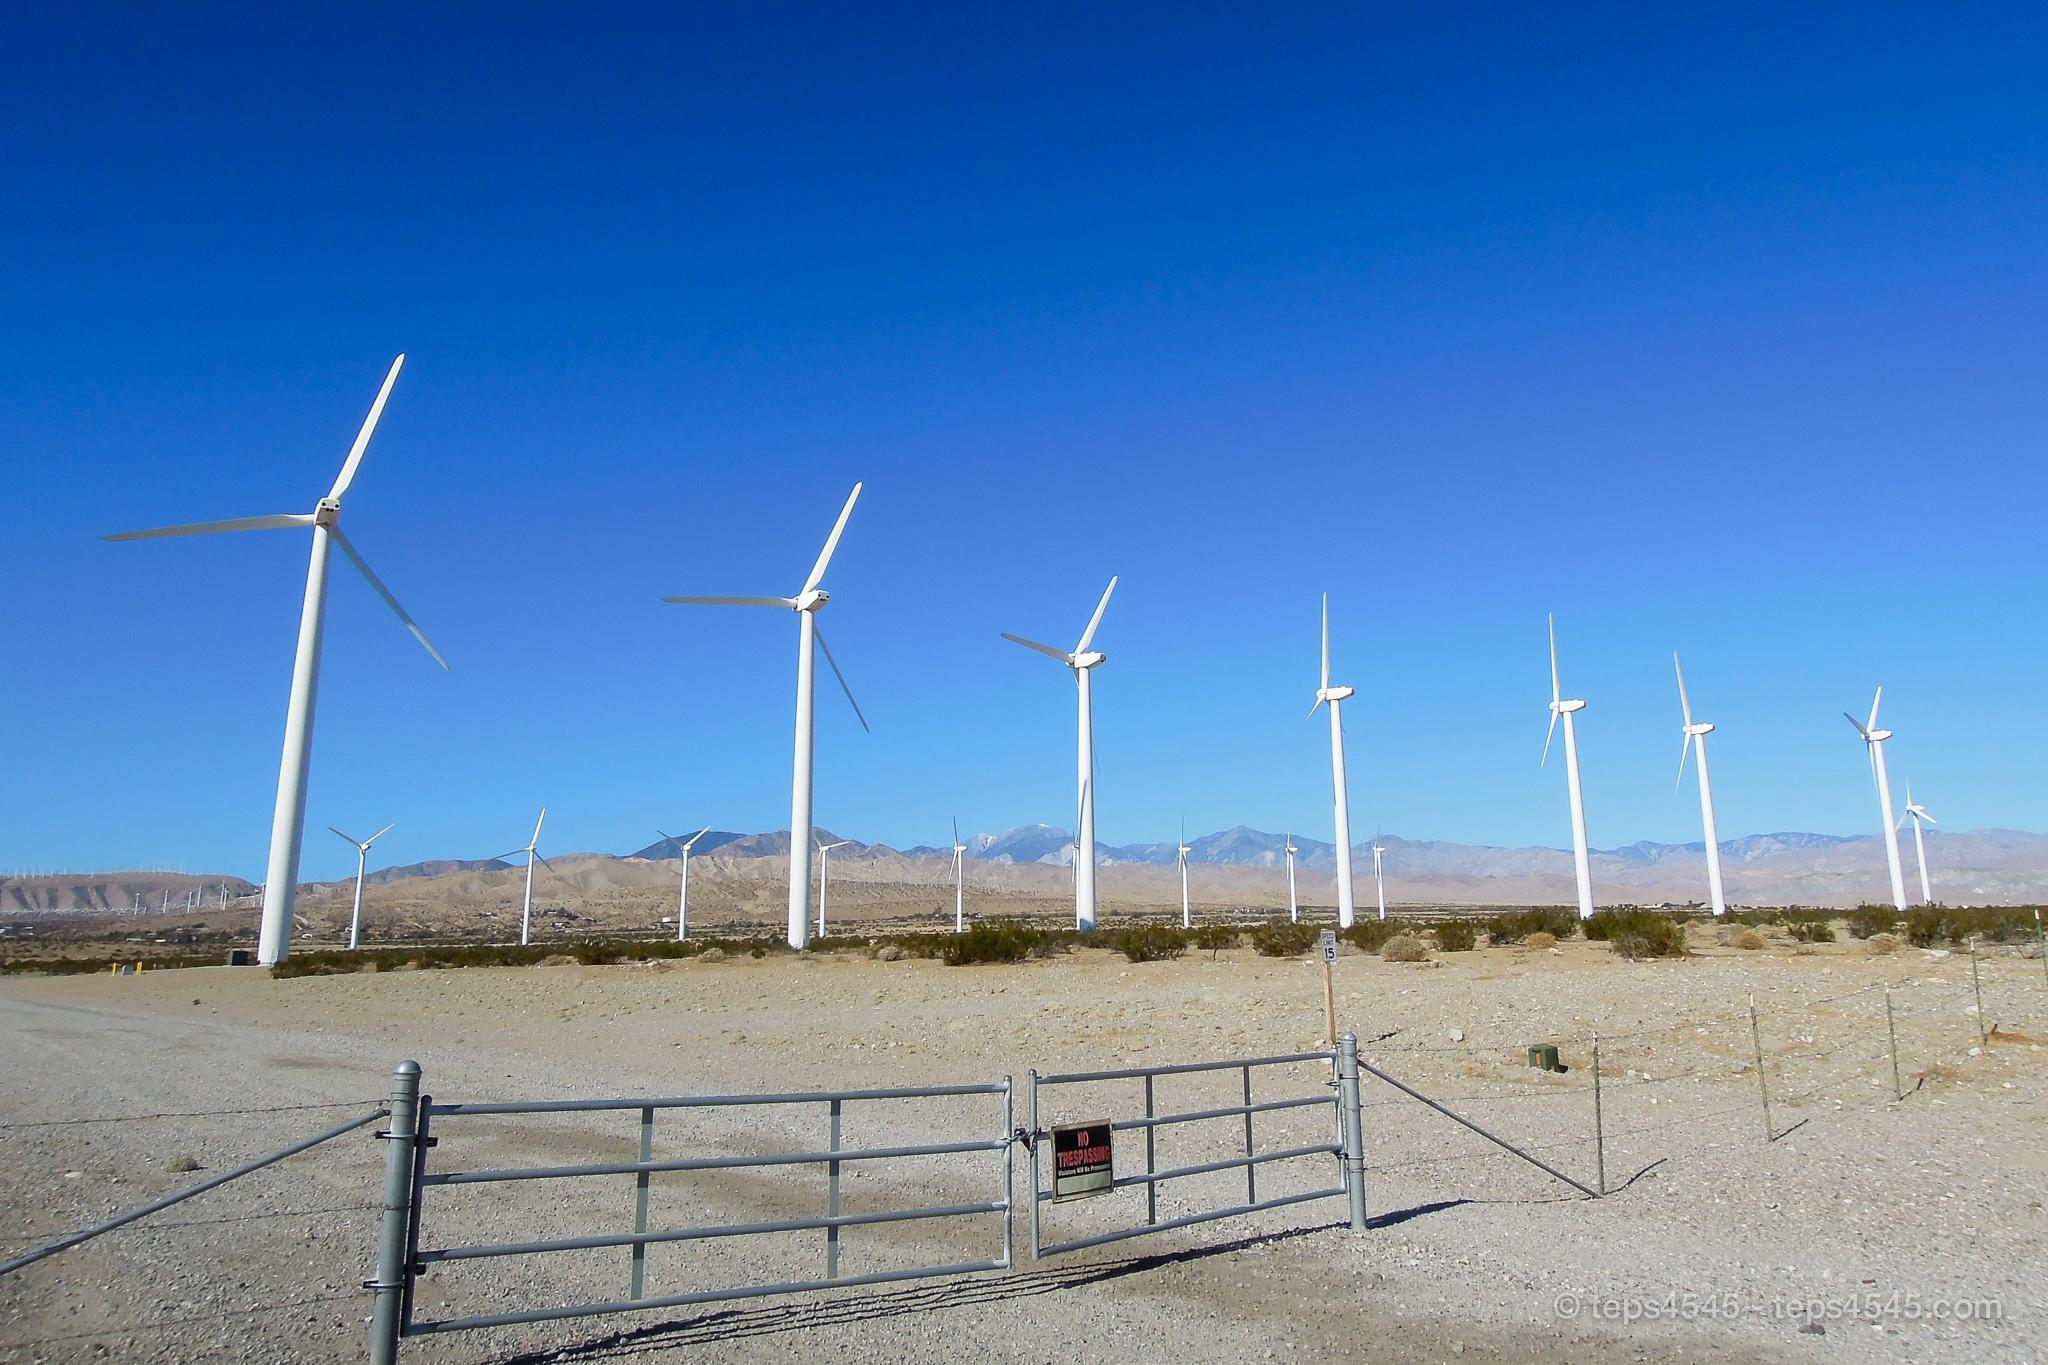 ジョシュアツリー凄まじい数の風車が見られます